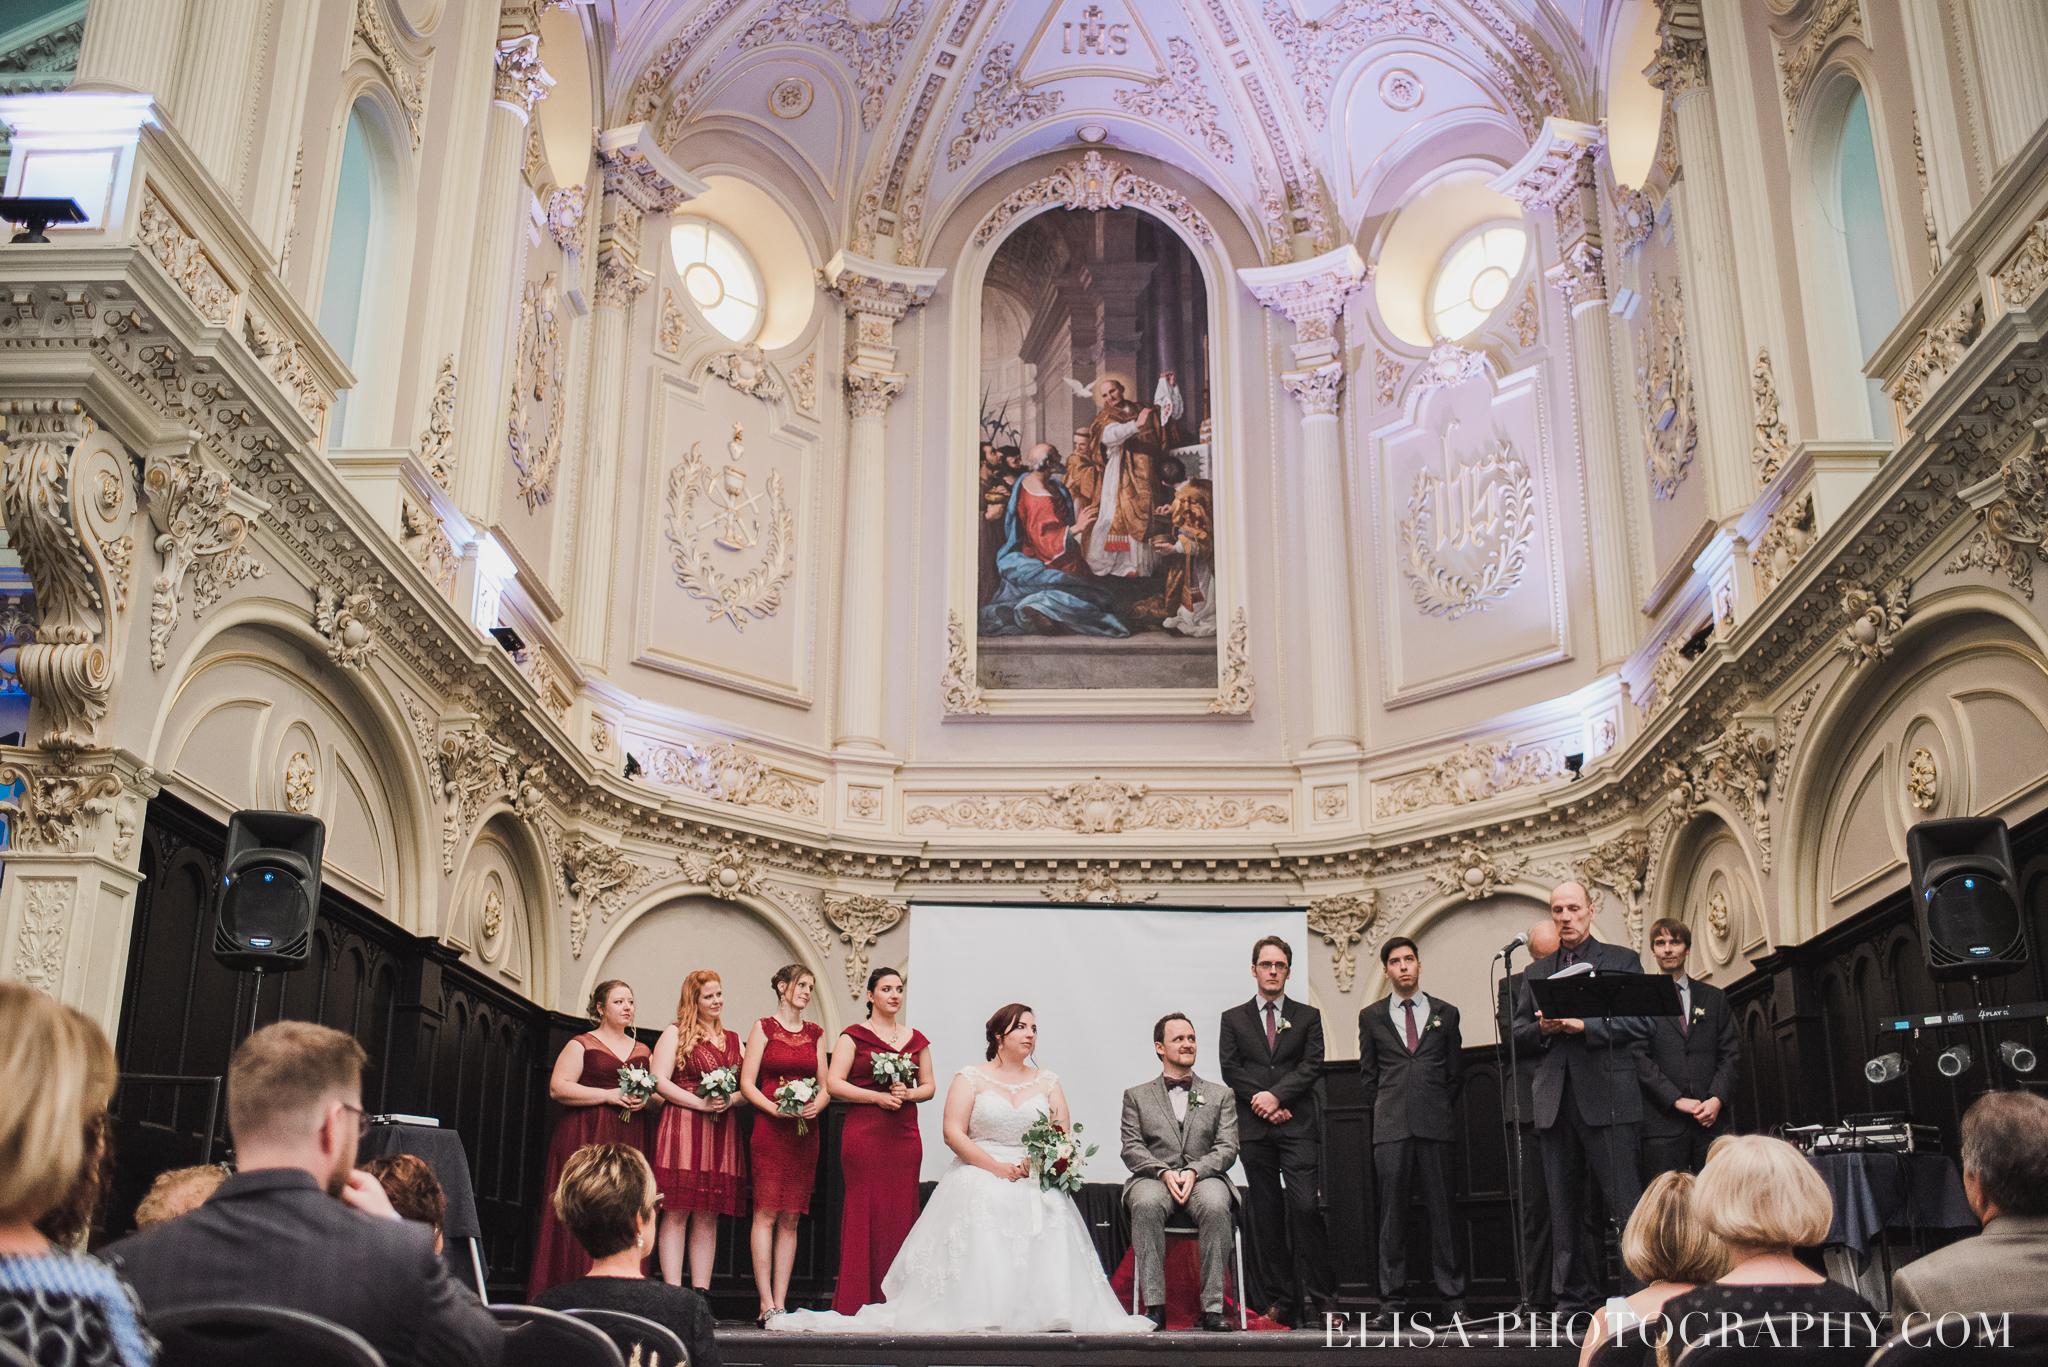 photo mariage automne ceremonie espace saint gregoire quebec 5962 - Mariage à saveur automnale à l'Espace Saint-Grégoire